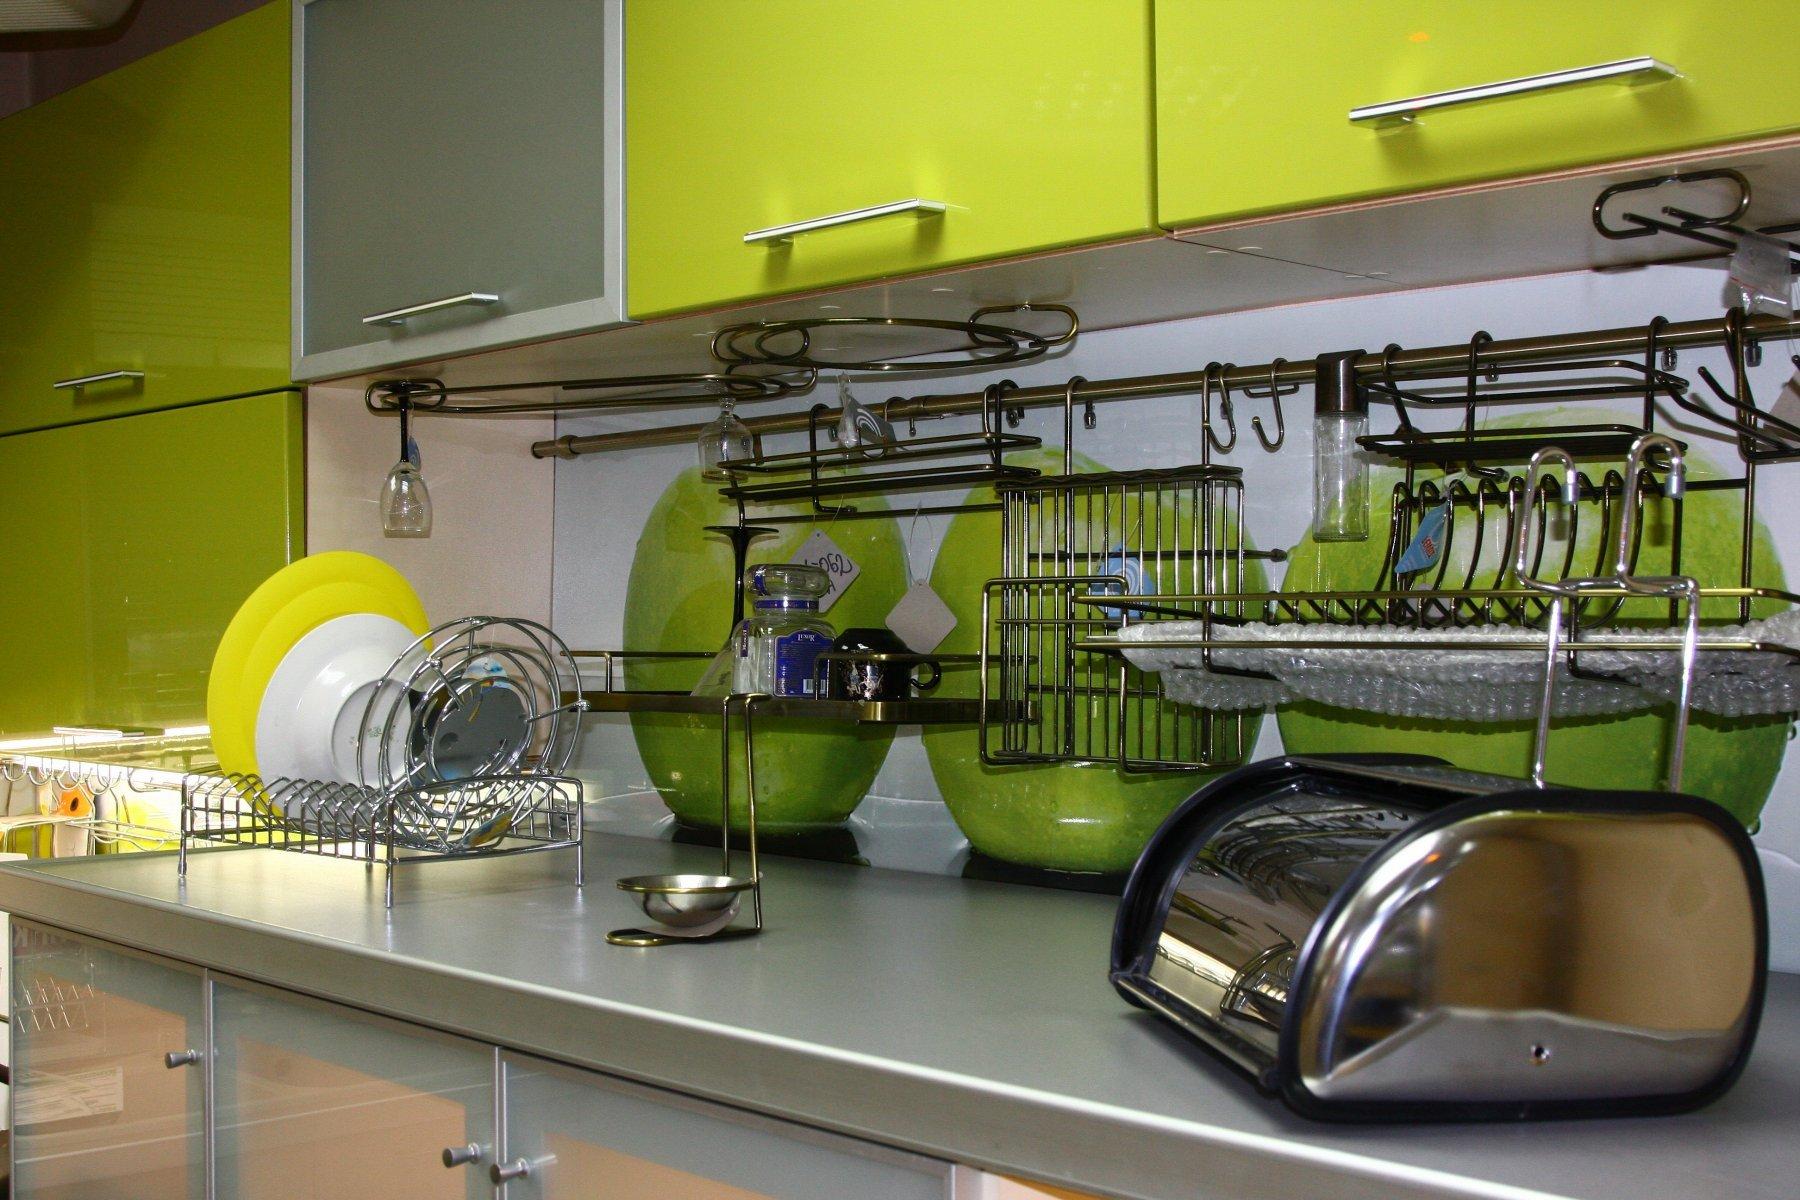 кухонные аксессуары для рейлингов фото пришлись душе